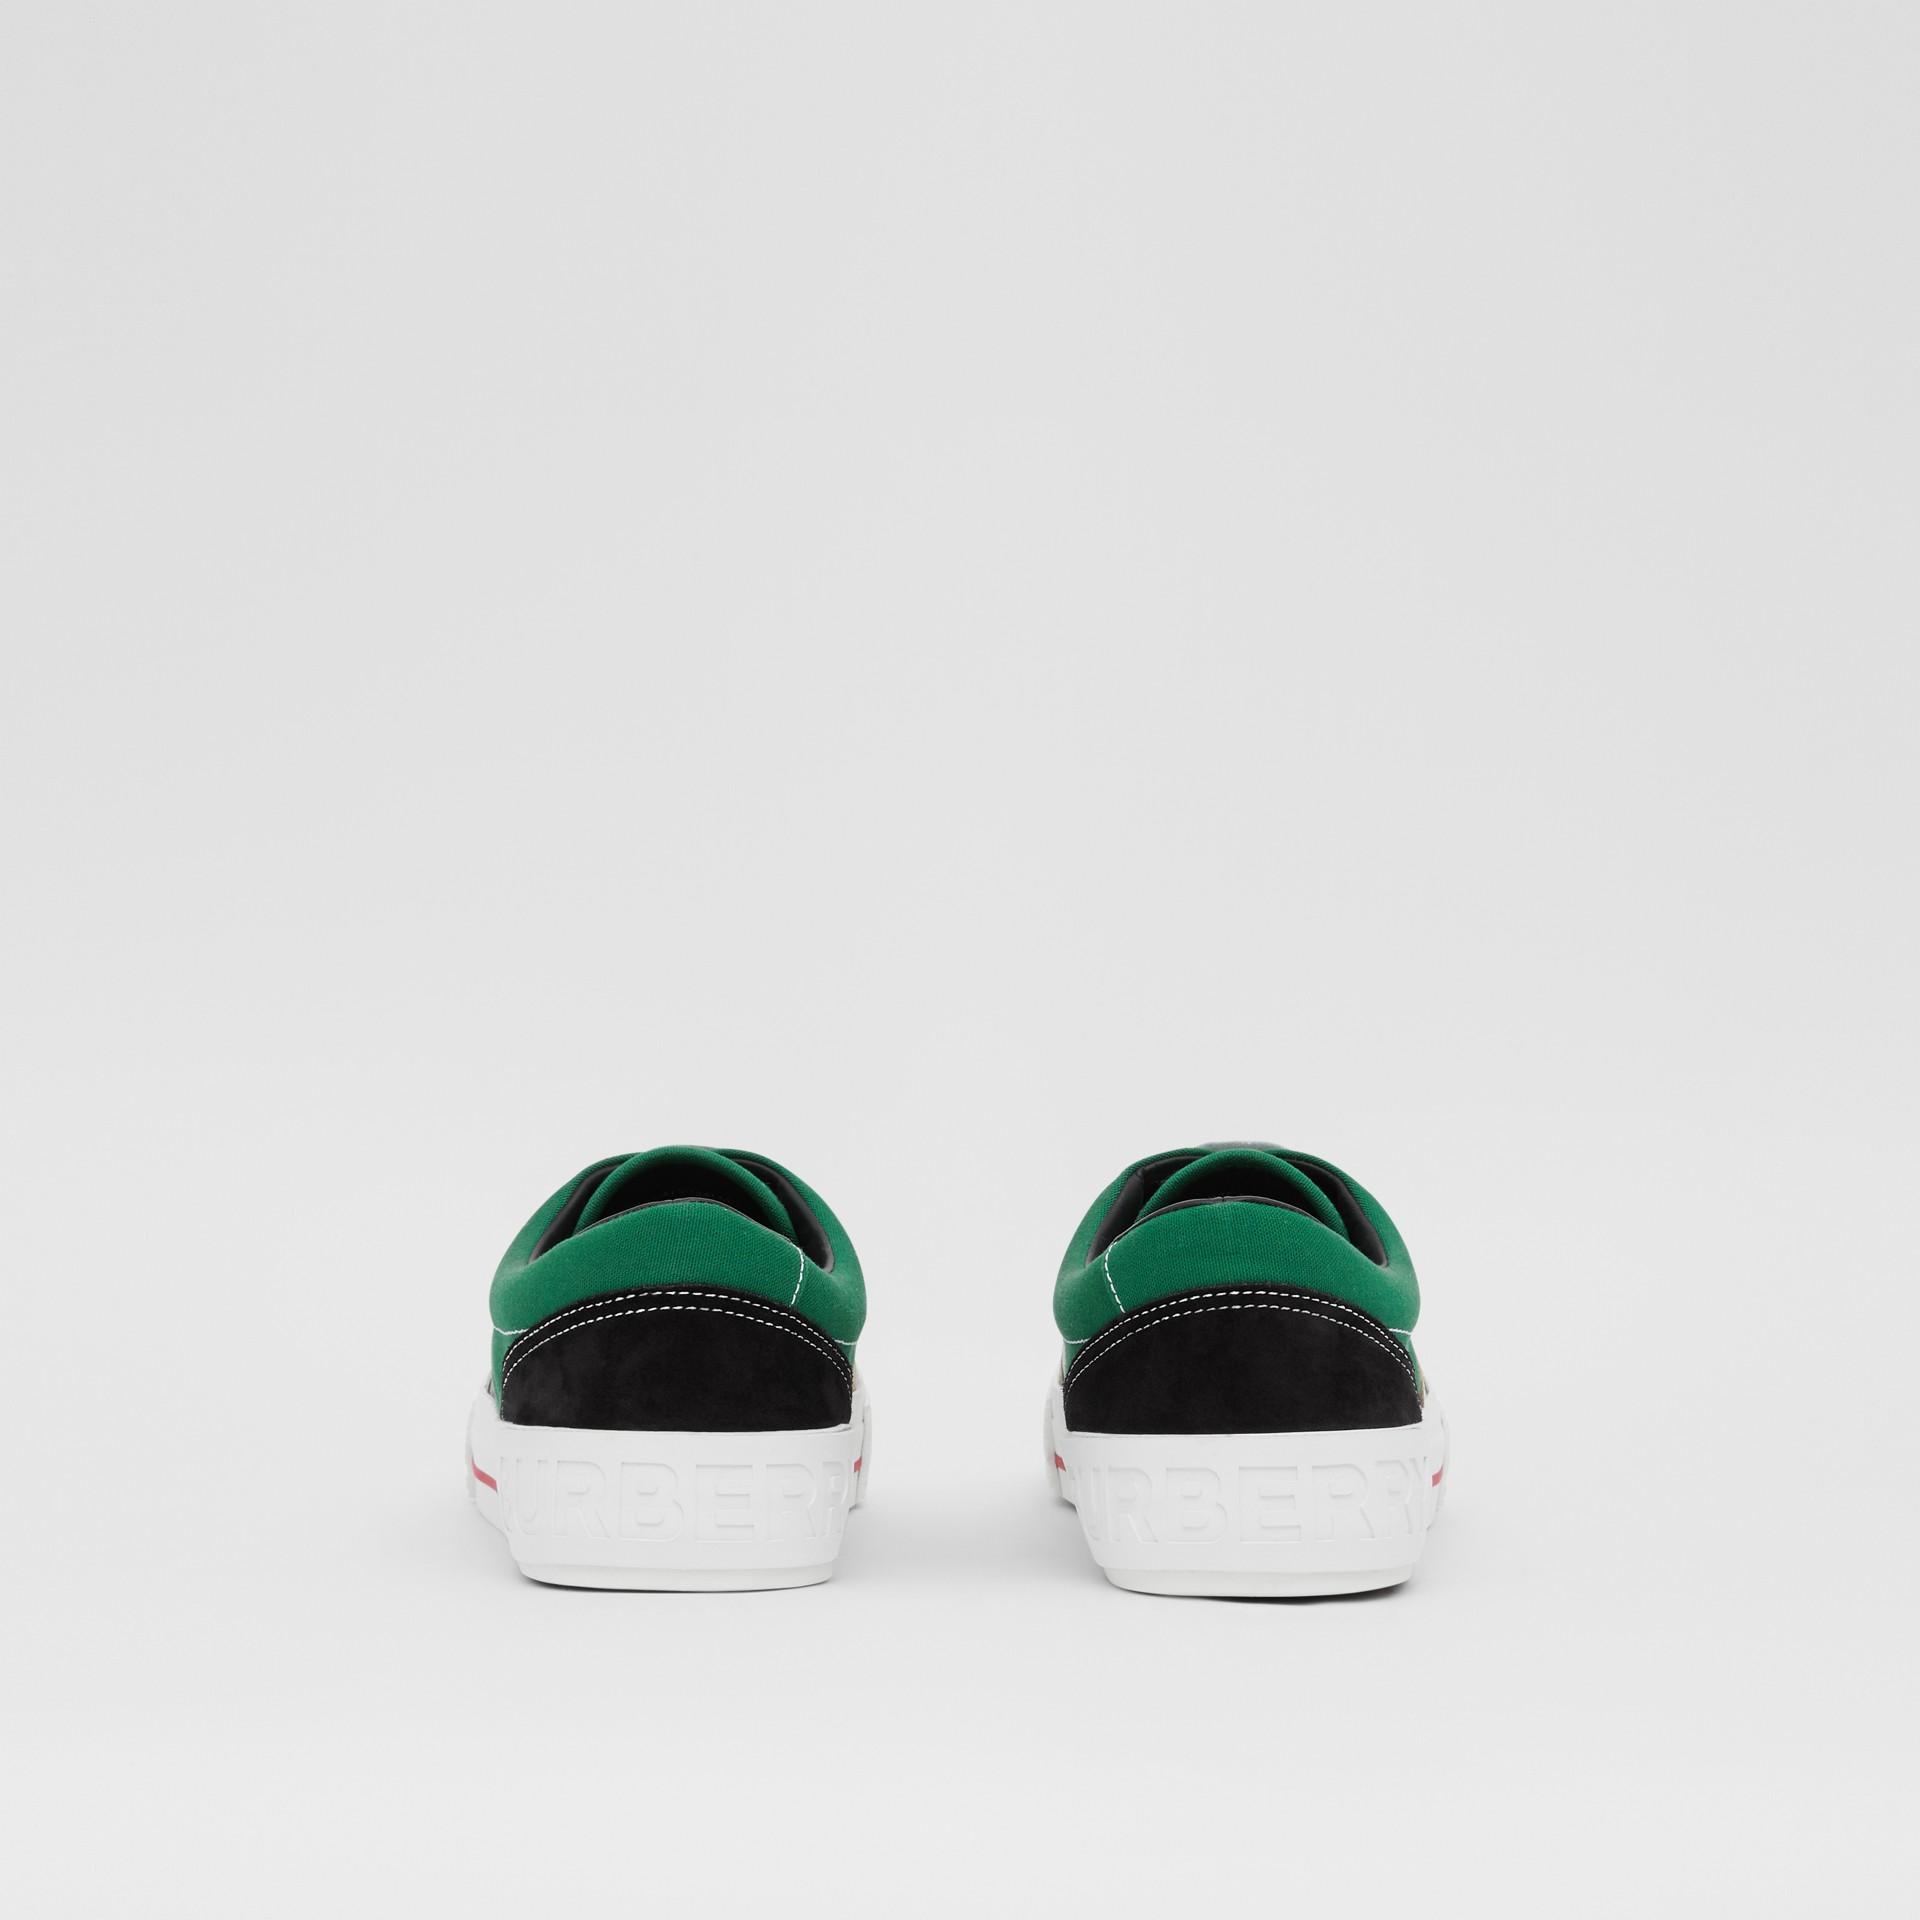 Sneakers en tissu Vintage check, toile de coton et cuir velours (Beige D'archive/vert) - Homme | Burberry - photo de la galerie 3